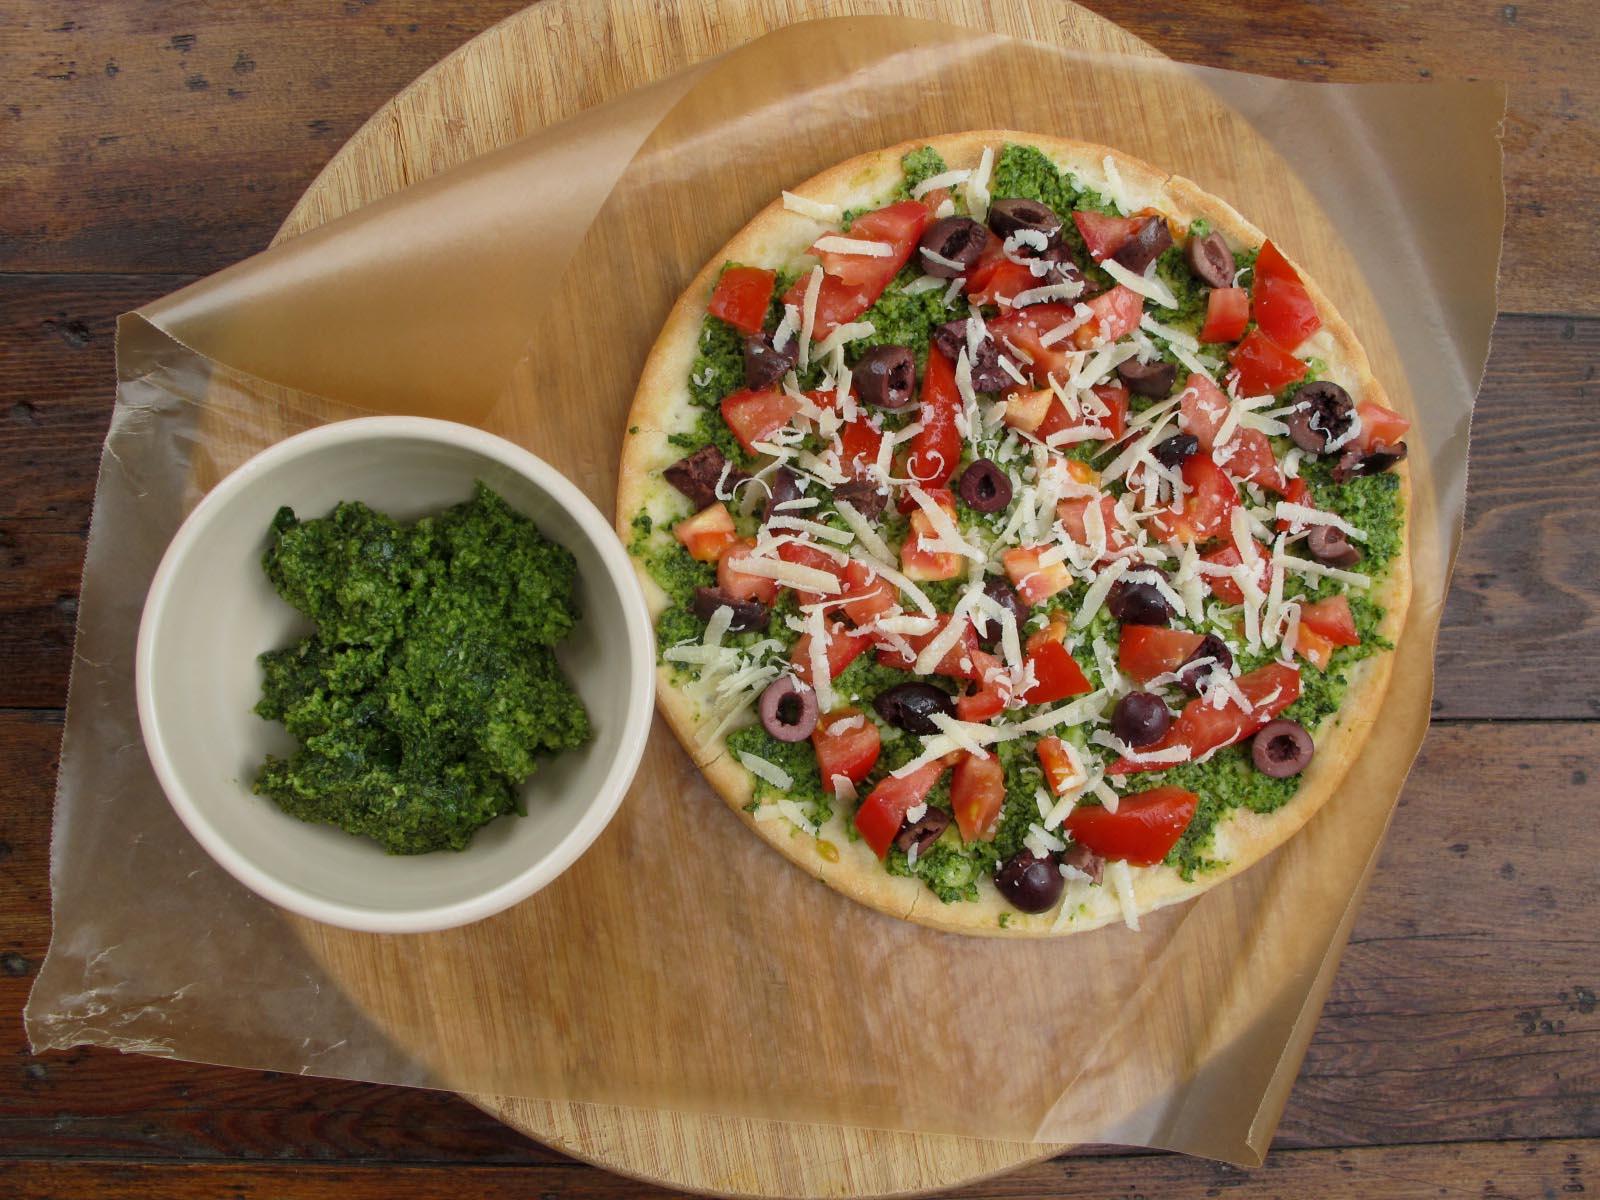 Gluten-free pesto pizza recipe | Gluten Free For Good